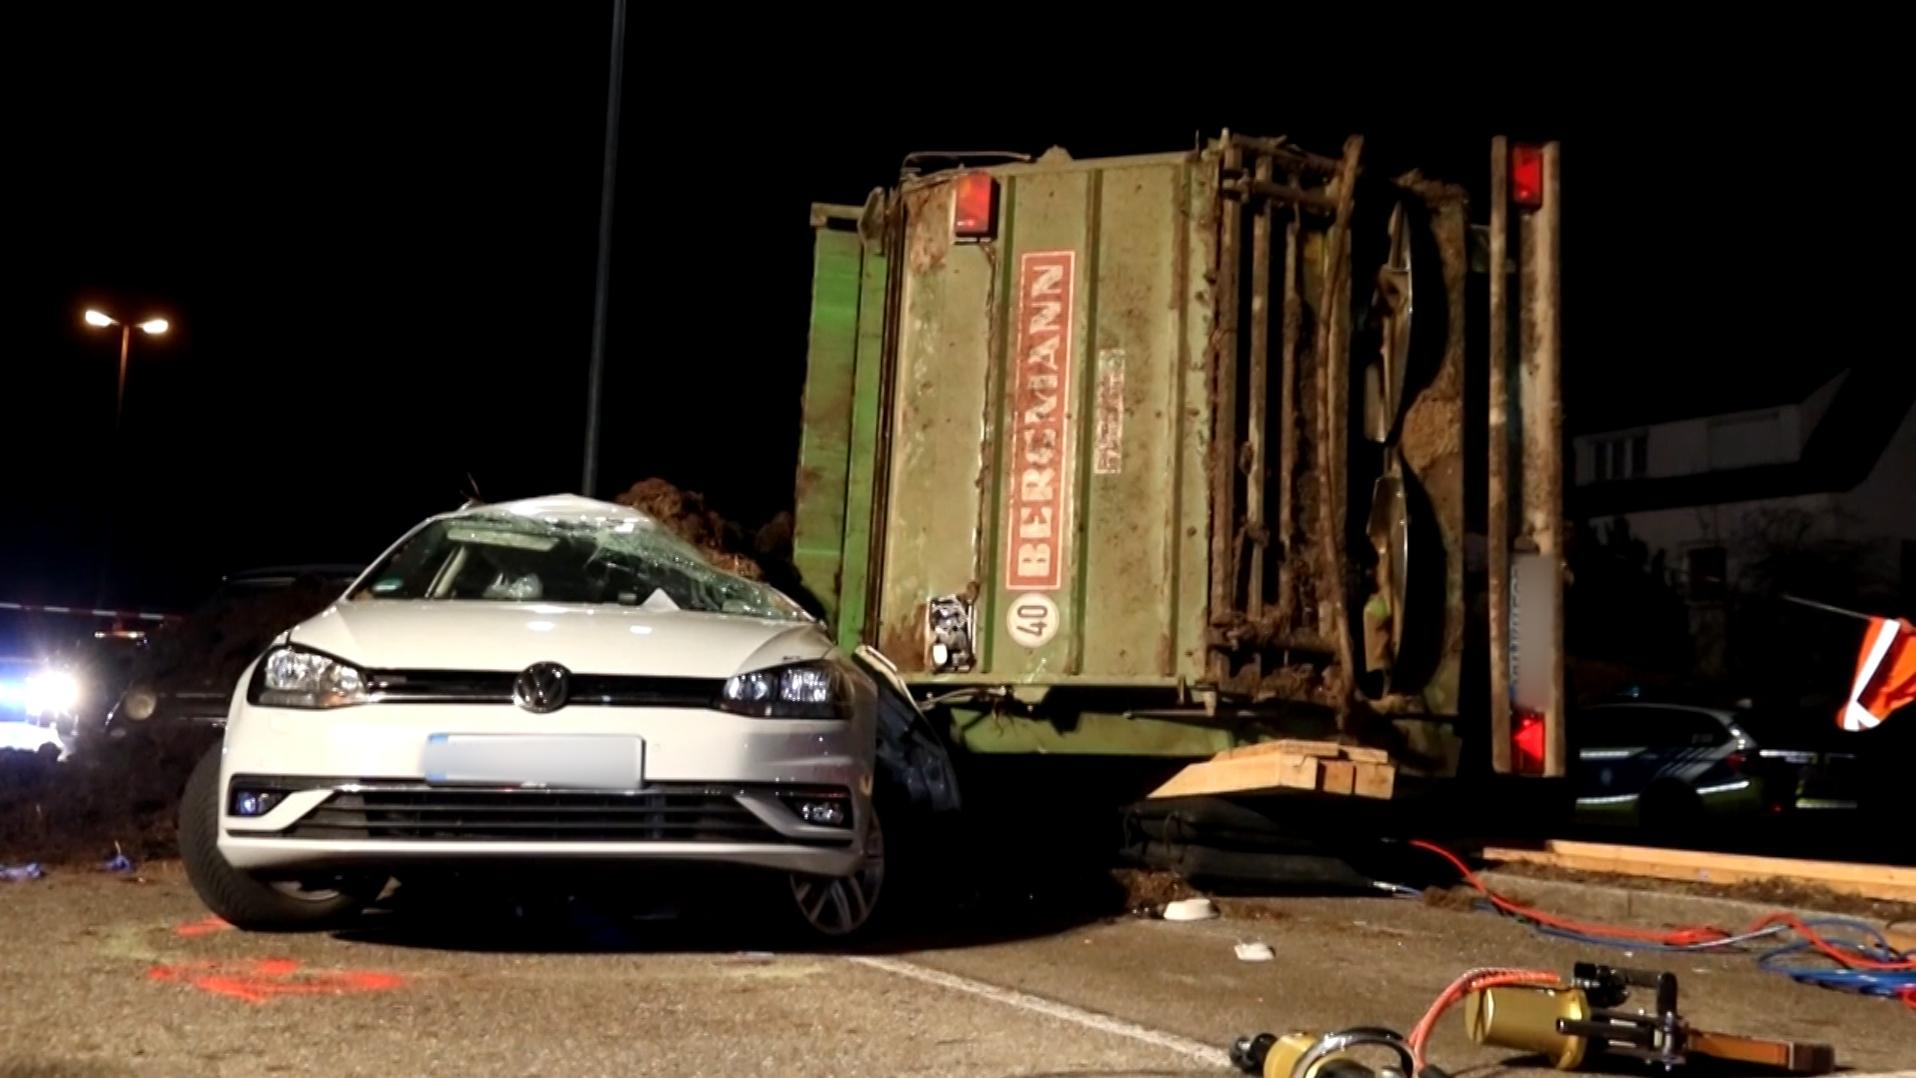 Im Memmingen ereignete sich am Freitag ein tragischer Unfall. Ein umgestürzter Traktoranhänger begrub einen PKW unter sich.